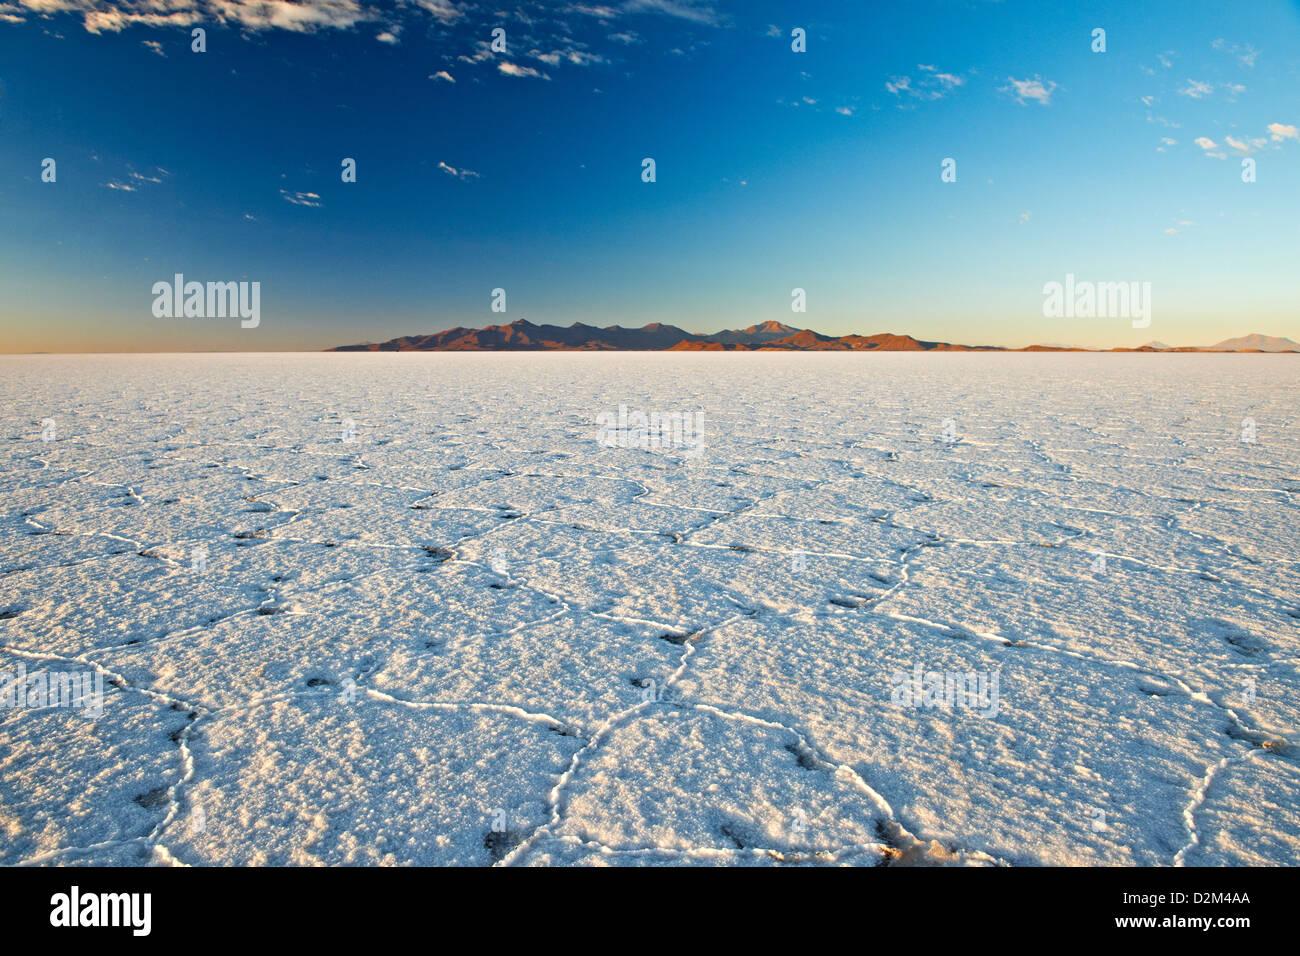 Amanecer en el Salar de Uyuni, mundos más grande lago de sal, Bolivia, América del Sur Imagen De Stock